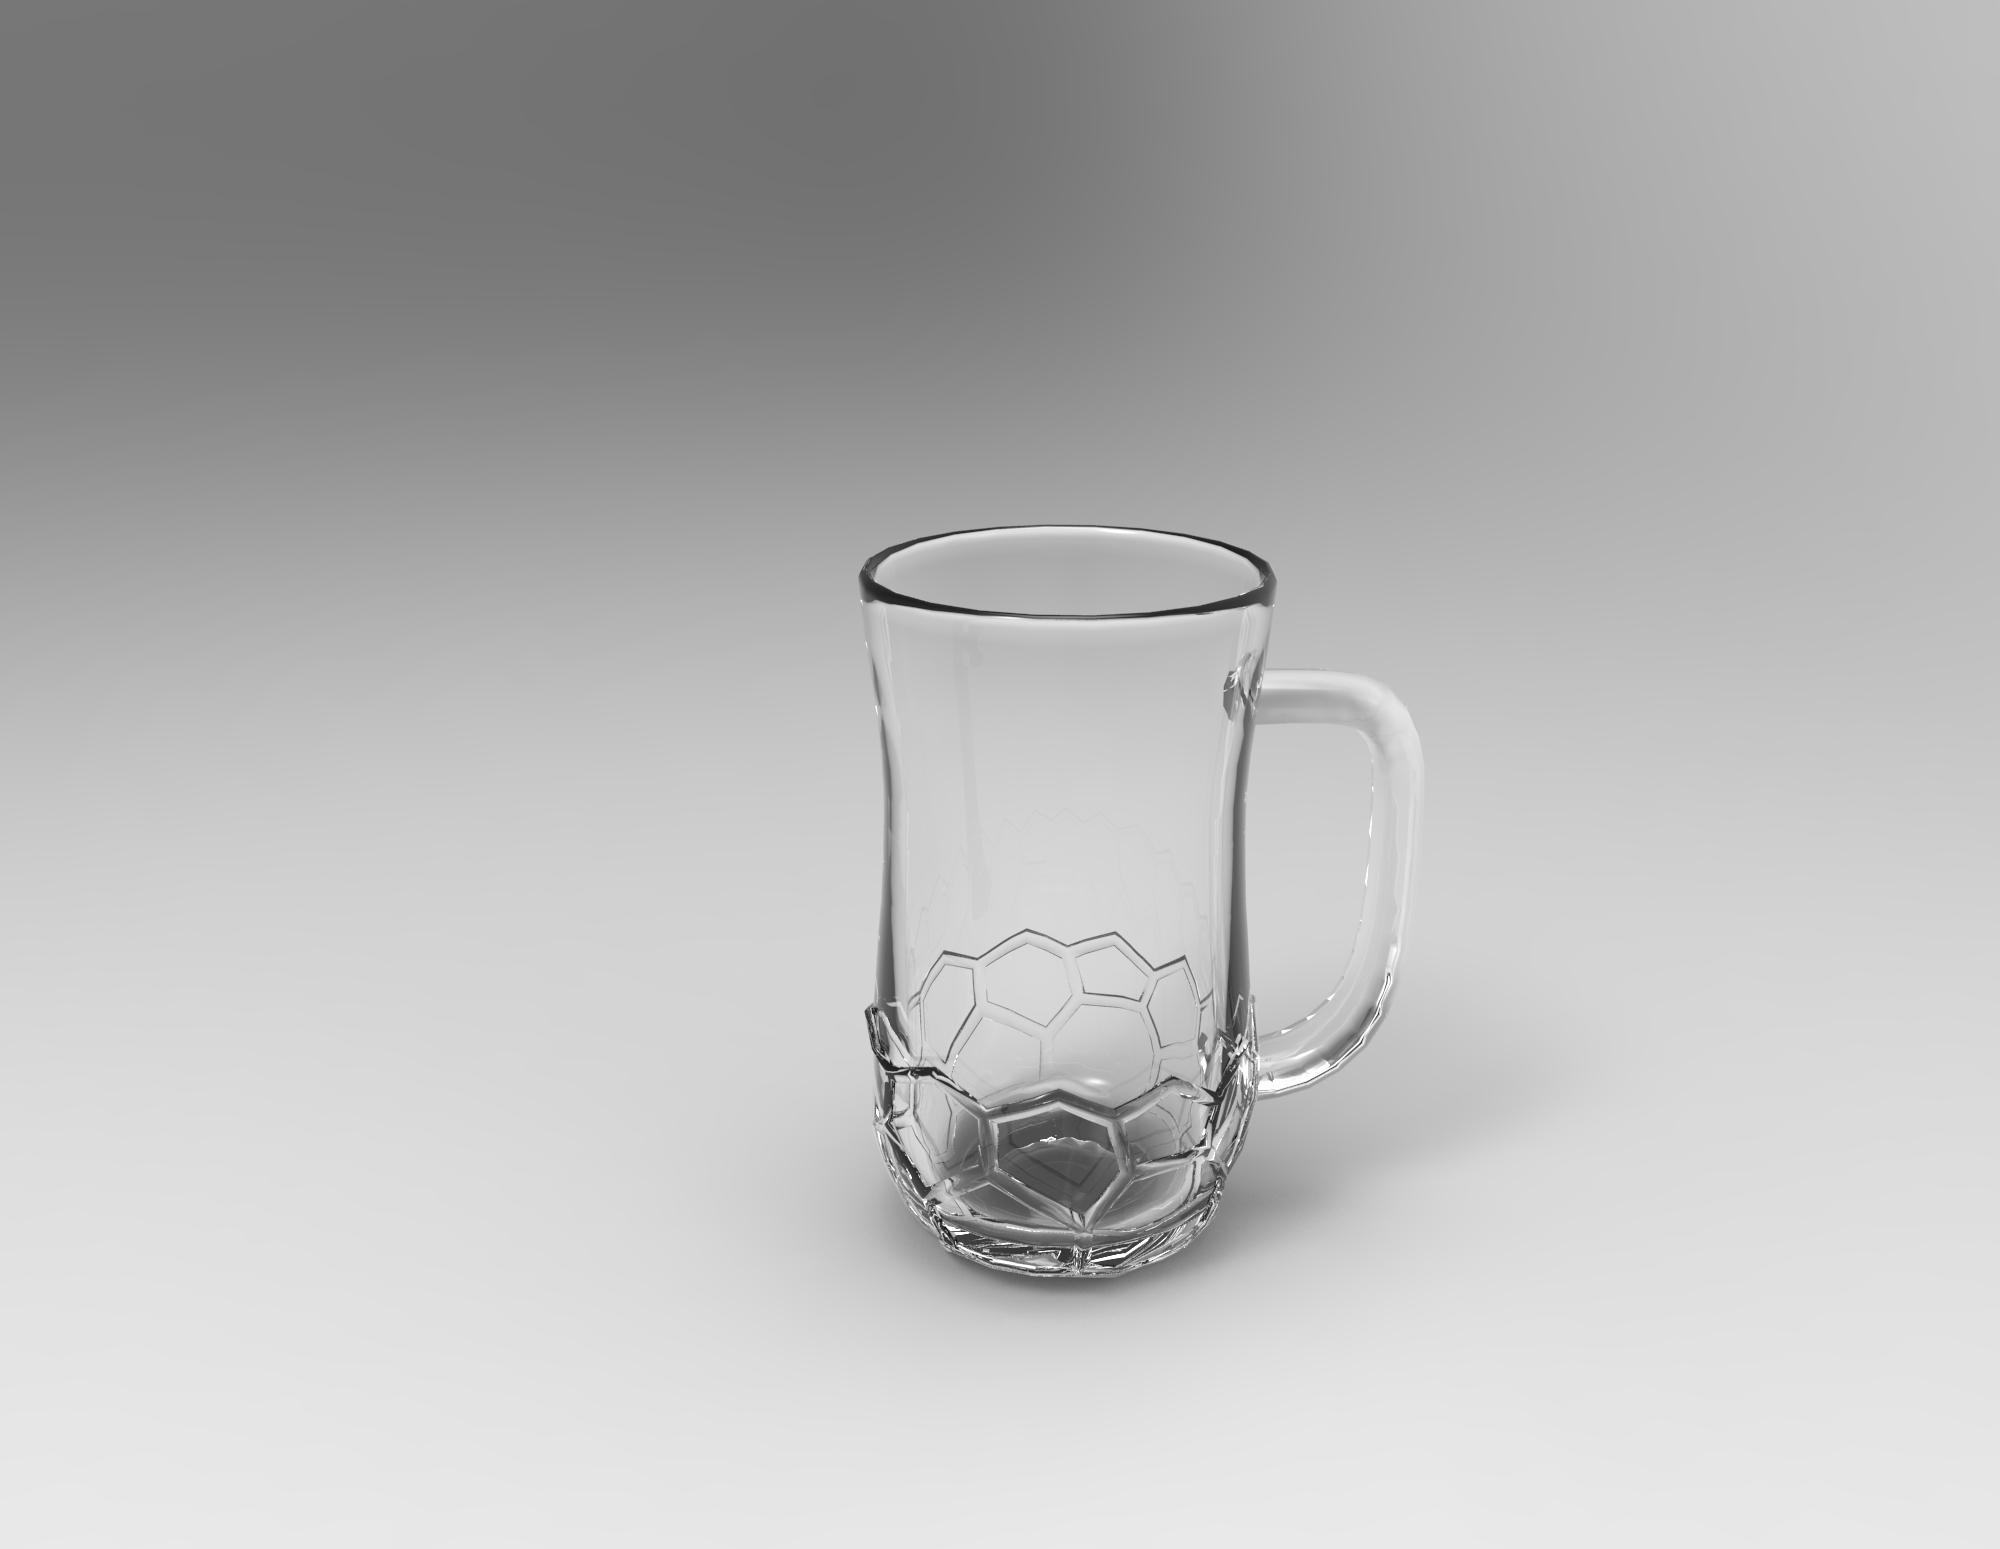 酒吧 —— 啤酒玻璃杯